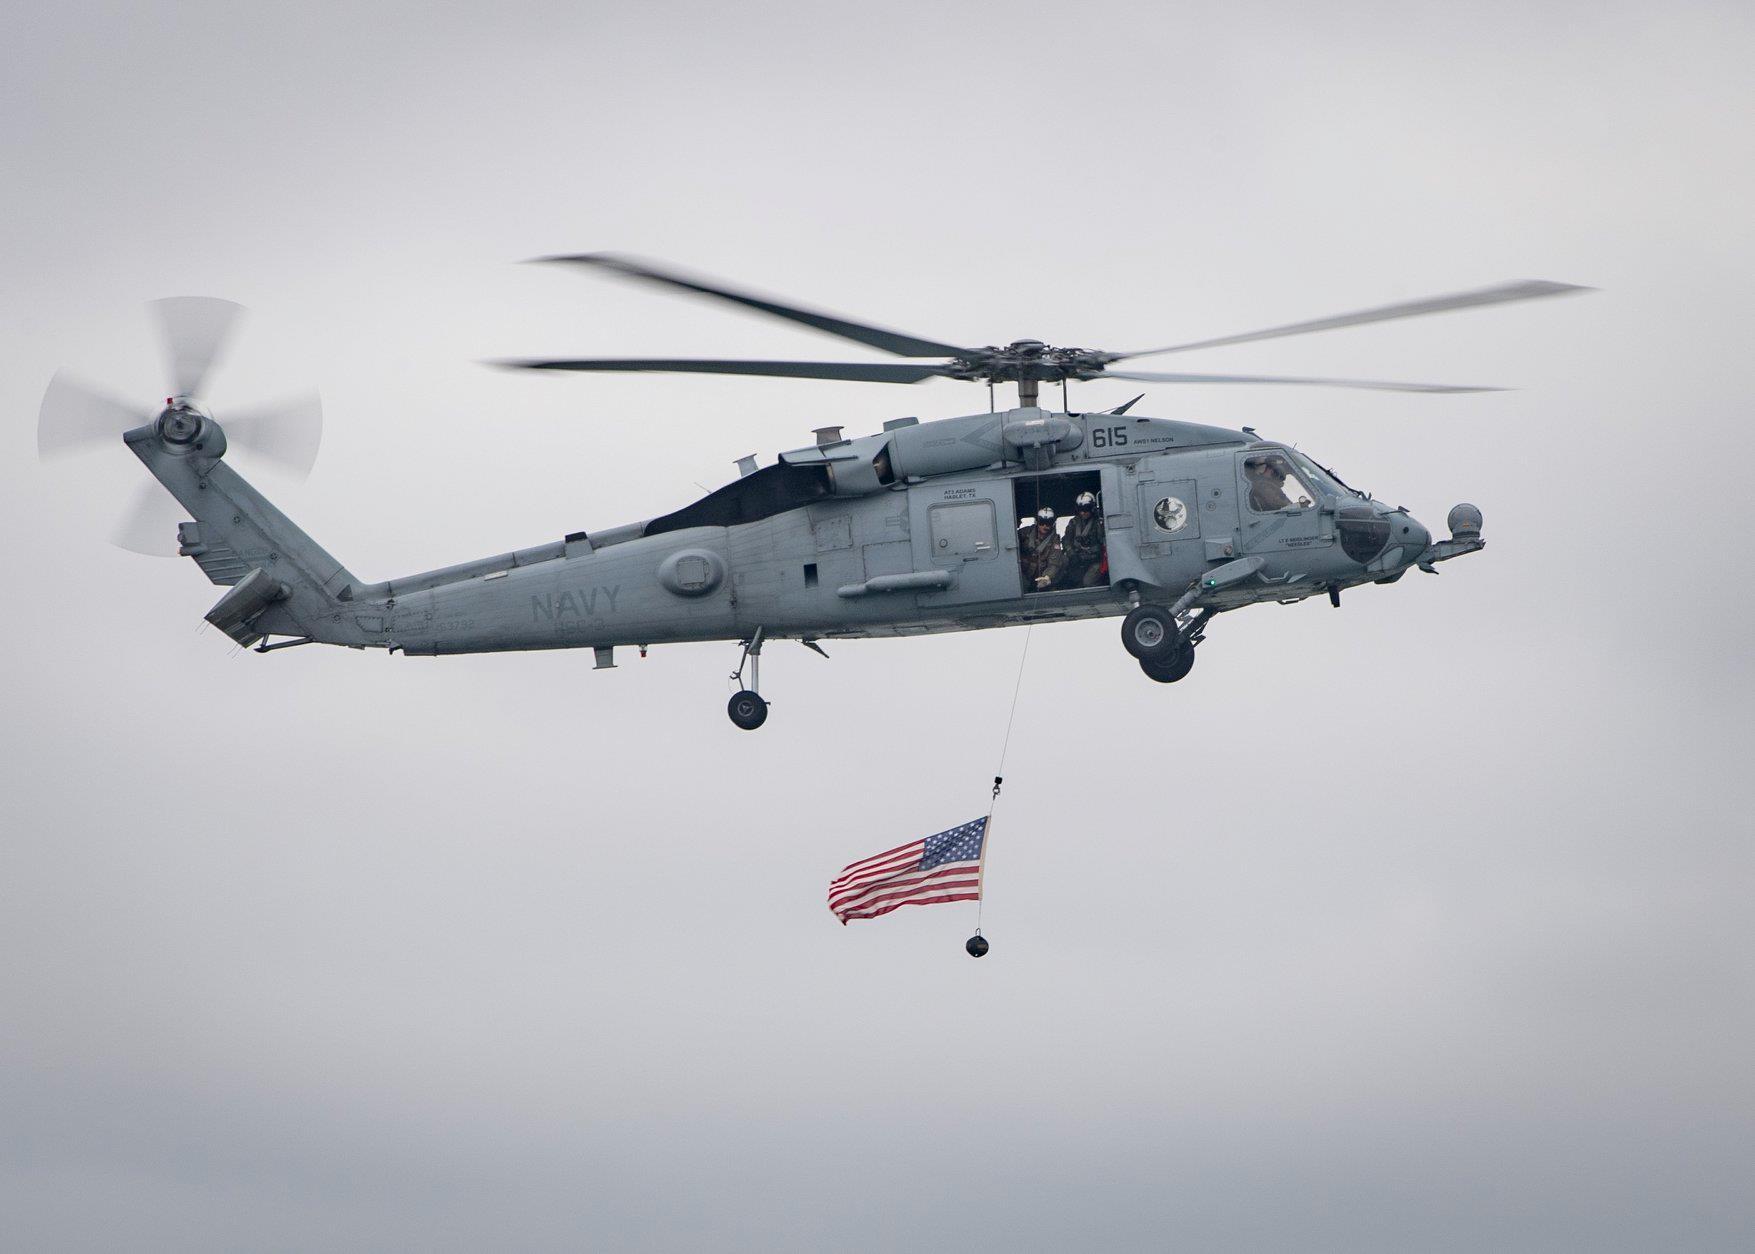 الصورة  الأخيرة للمروحية HH-60H  D6j4ppcUEAAyS-A?format=jpg&name=large